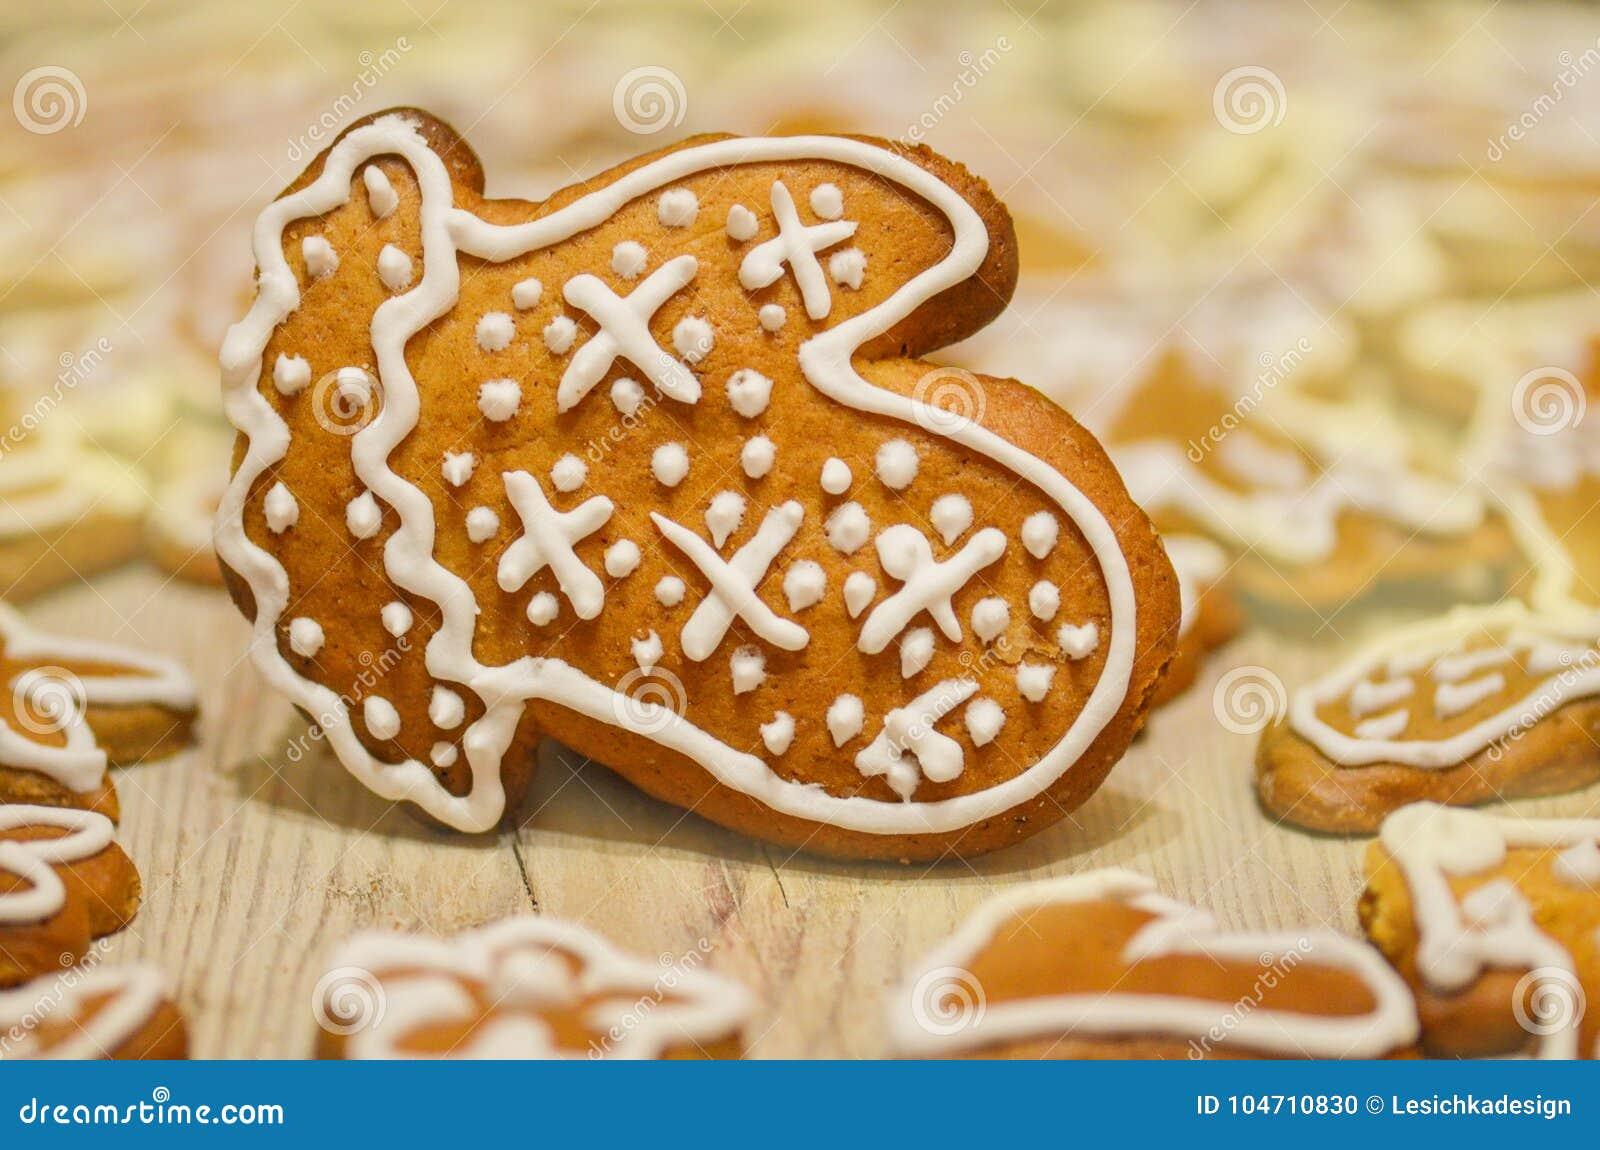 Reindeer Gingerbread Cookies House Cookies